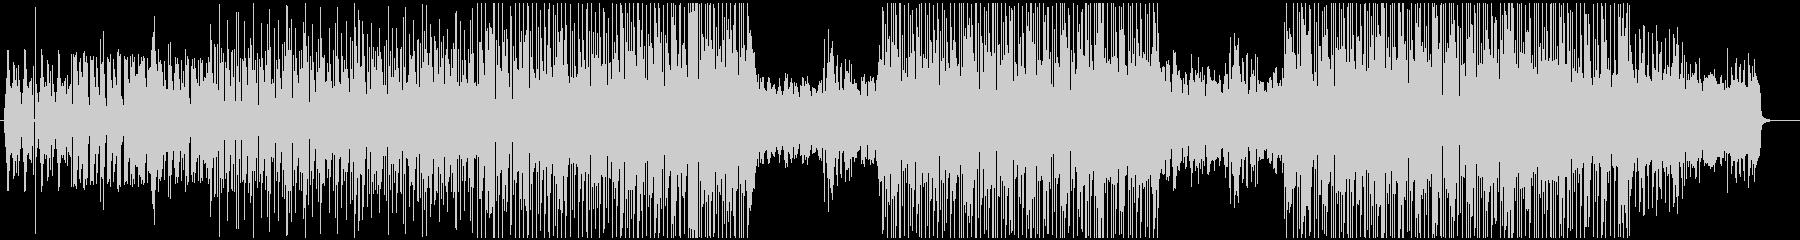 都会的なピアノリフのエレクトロニックの未再生の波形